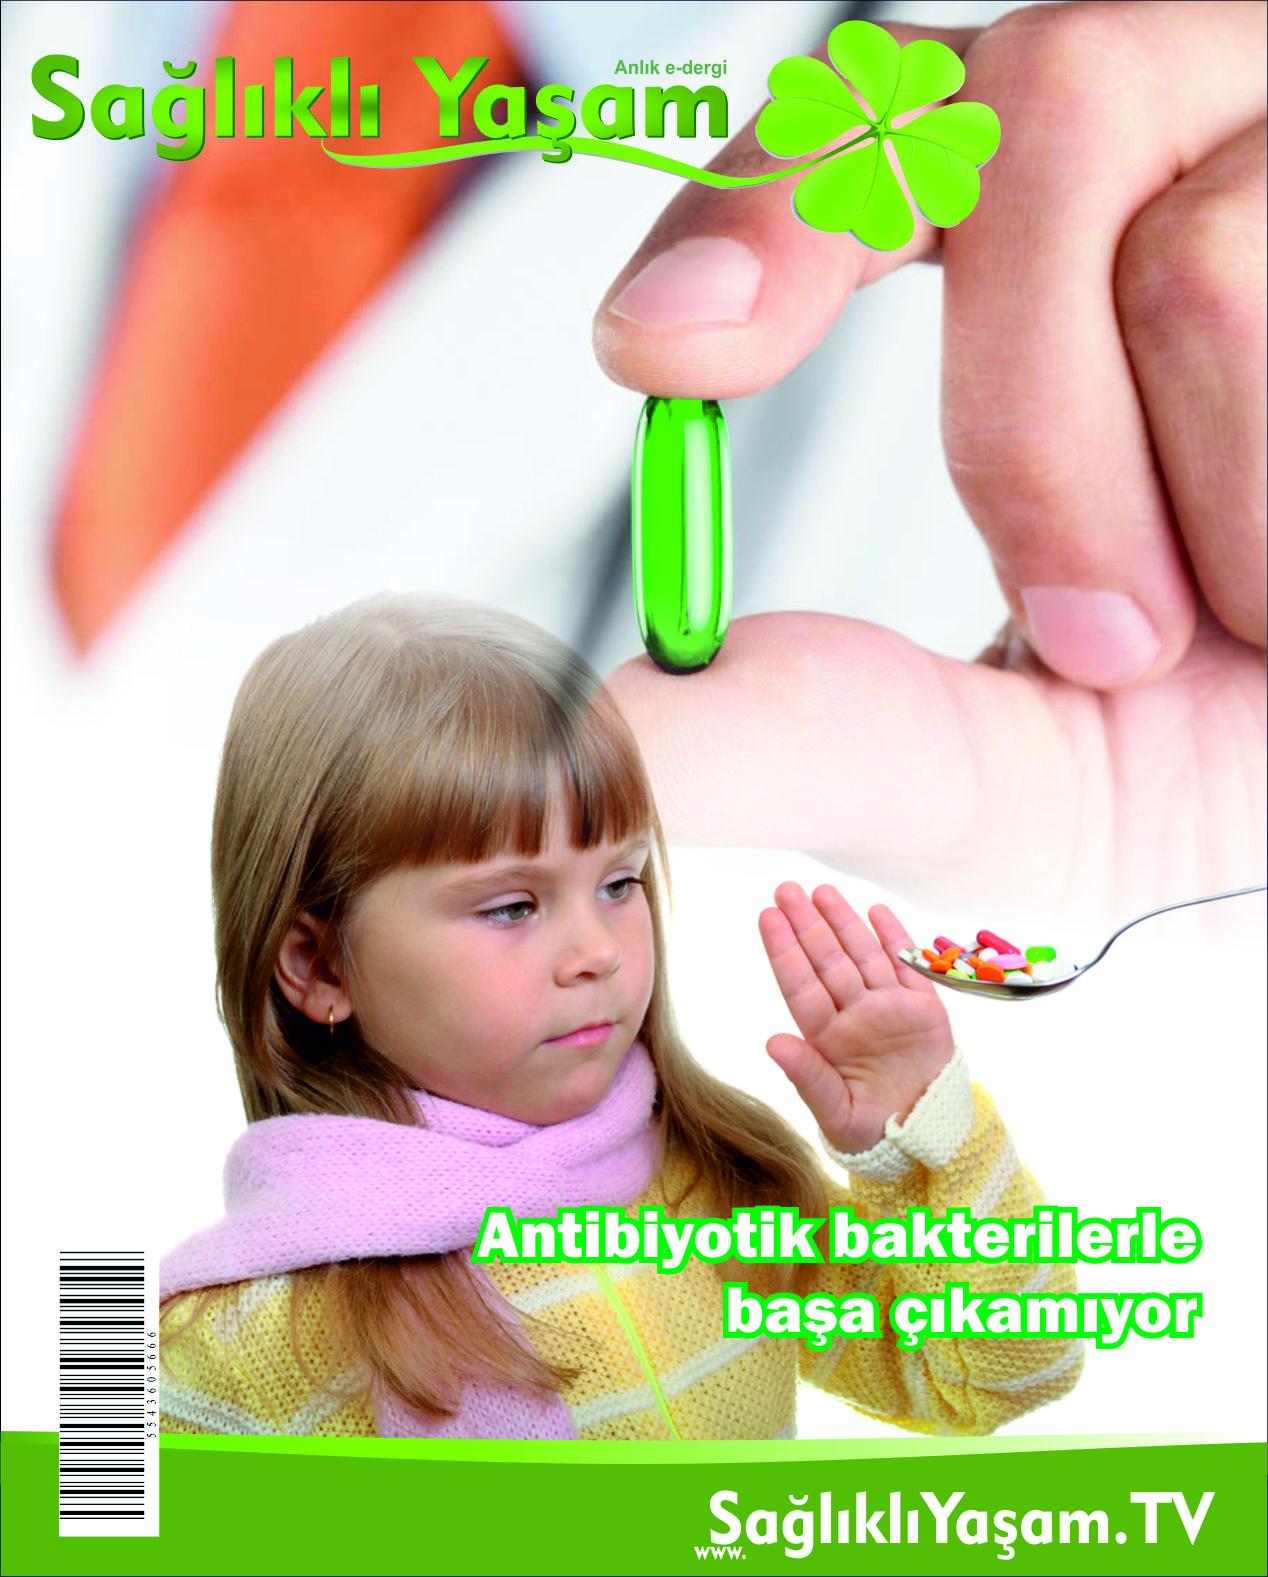 Antibiyotikler, Bakteriler, Dünya Sağlık Örgütü, Enfeksiyonlar, Sağlıklı Yaşam,